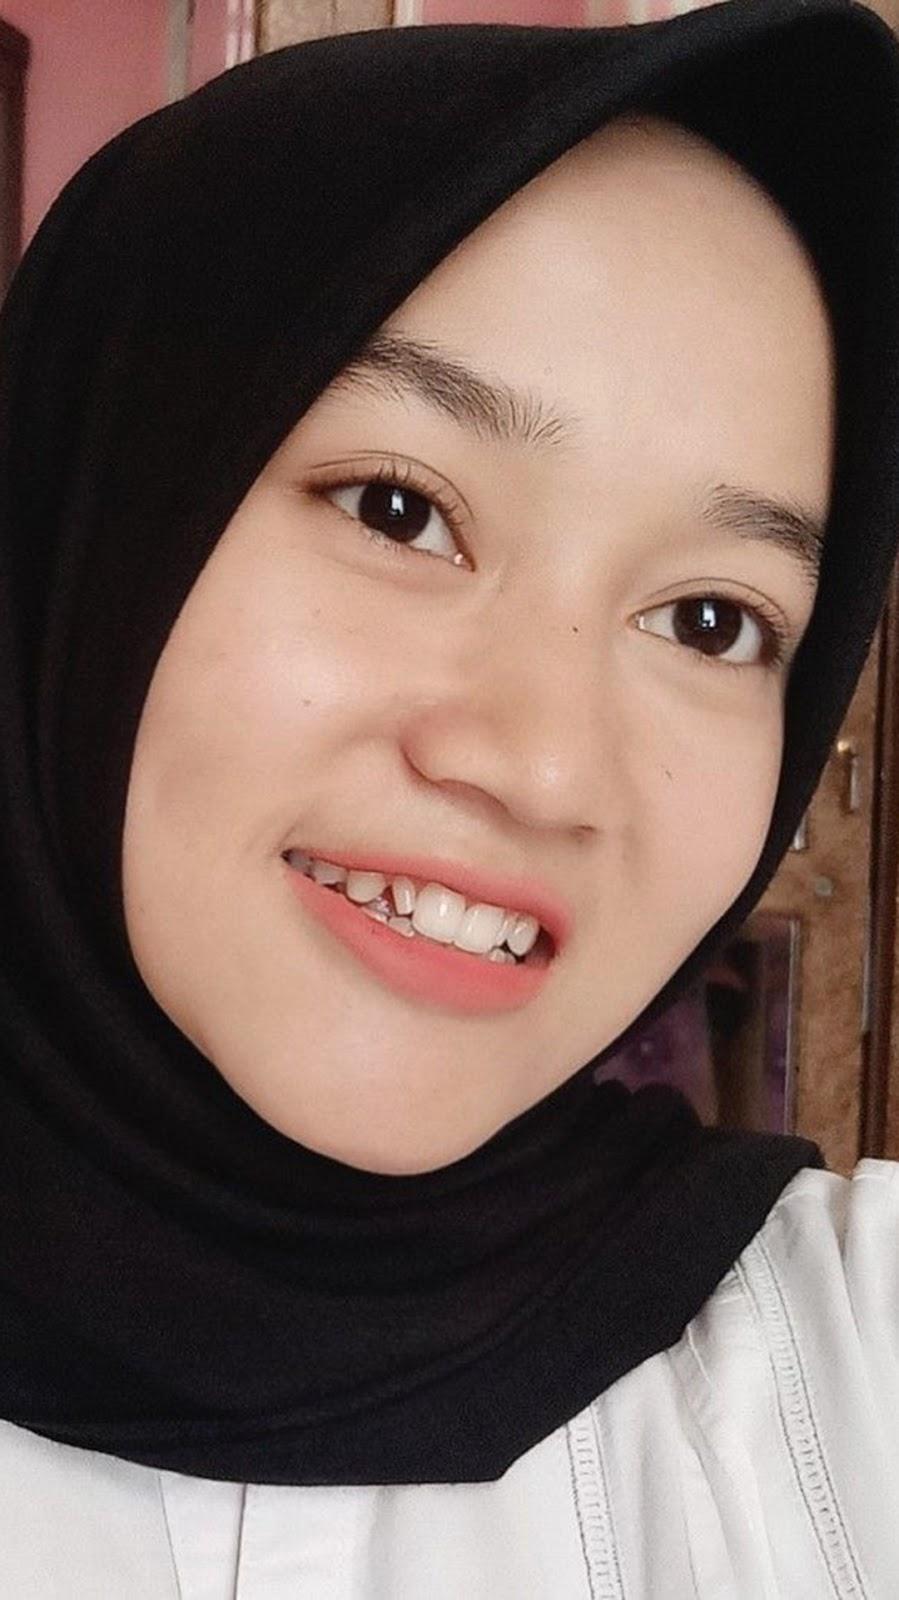 Cewek Manis Pakai Jilbab Manis Pakai Hijab - Cewek Cantik Hijab - 899x1600  Wallpaper - Teahub.io